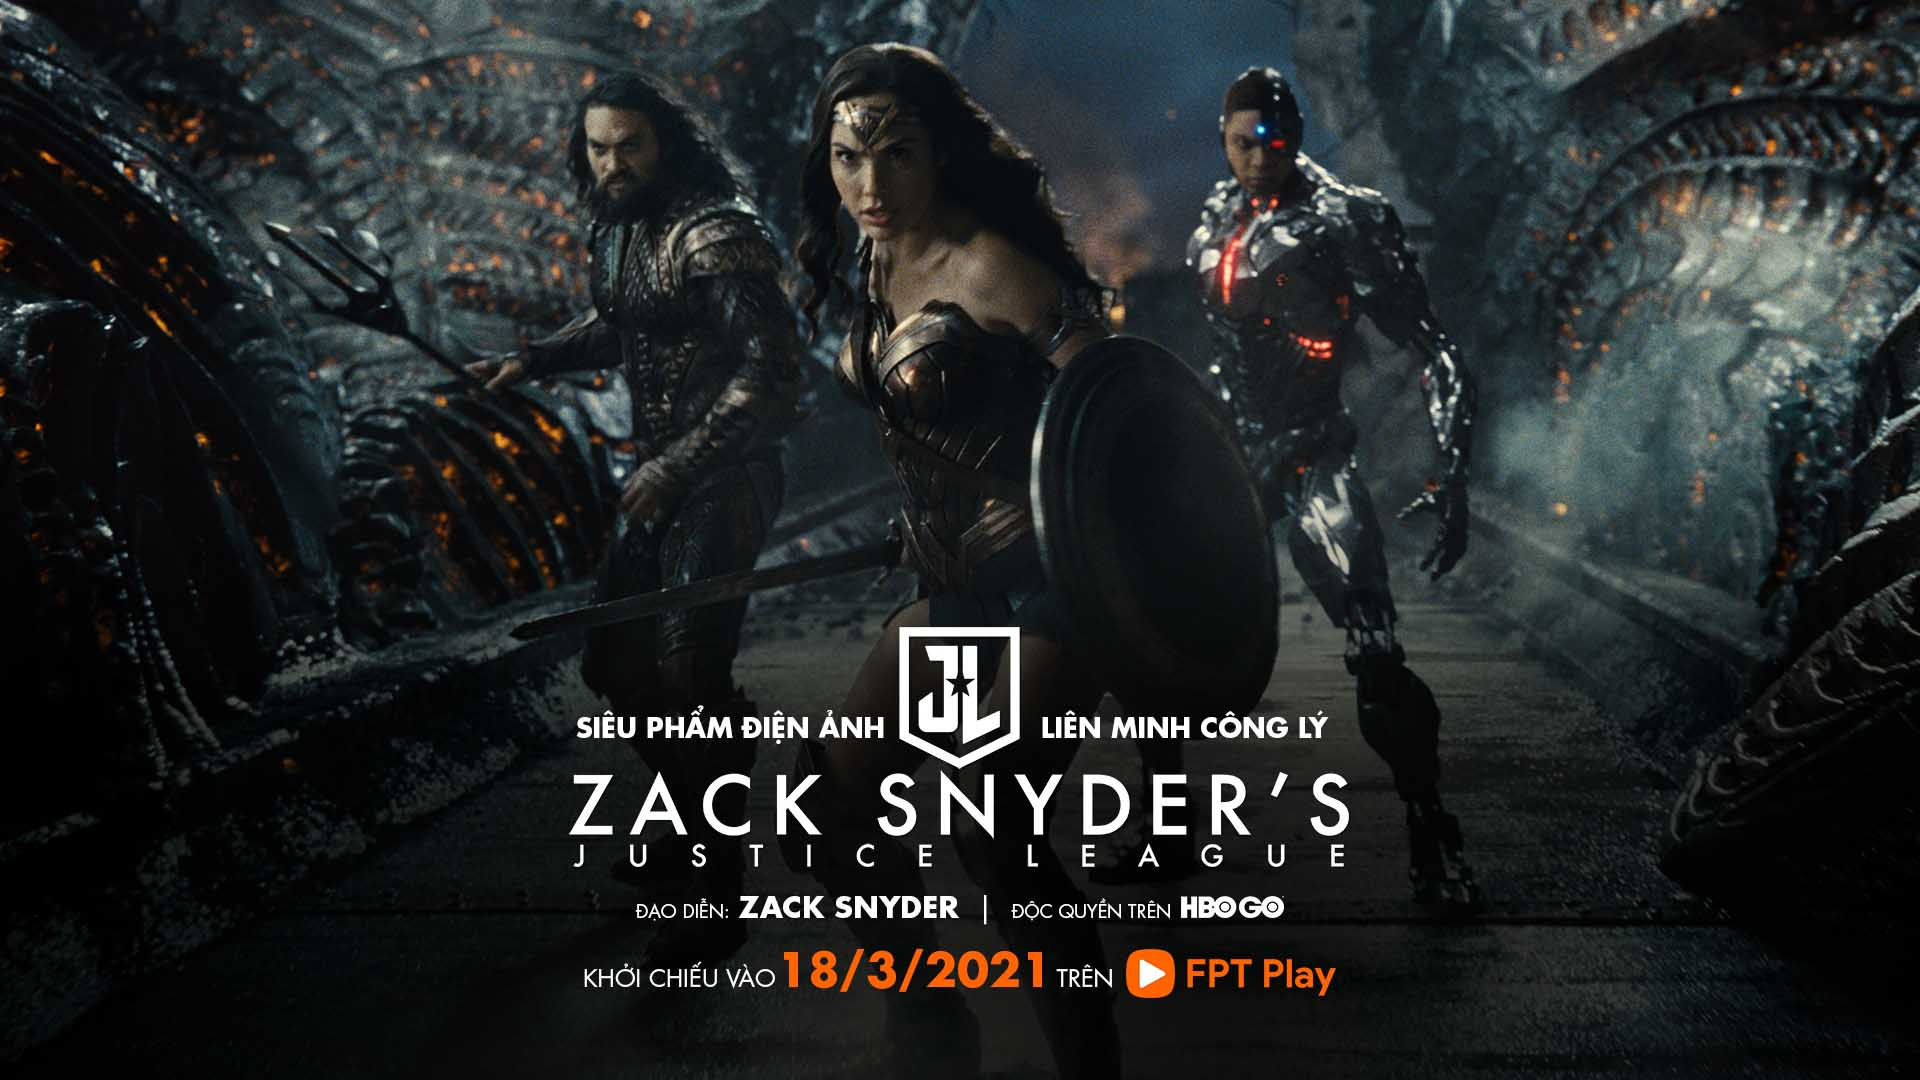 Liên Minh Công Lý của Zack Snyder công chiếu trực tuyến độc quyền HBO GO trên ứng dụng FPT Play